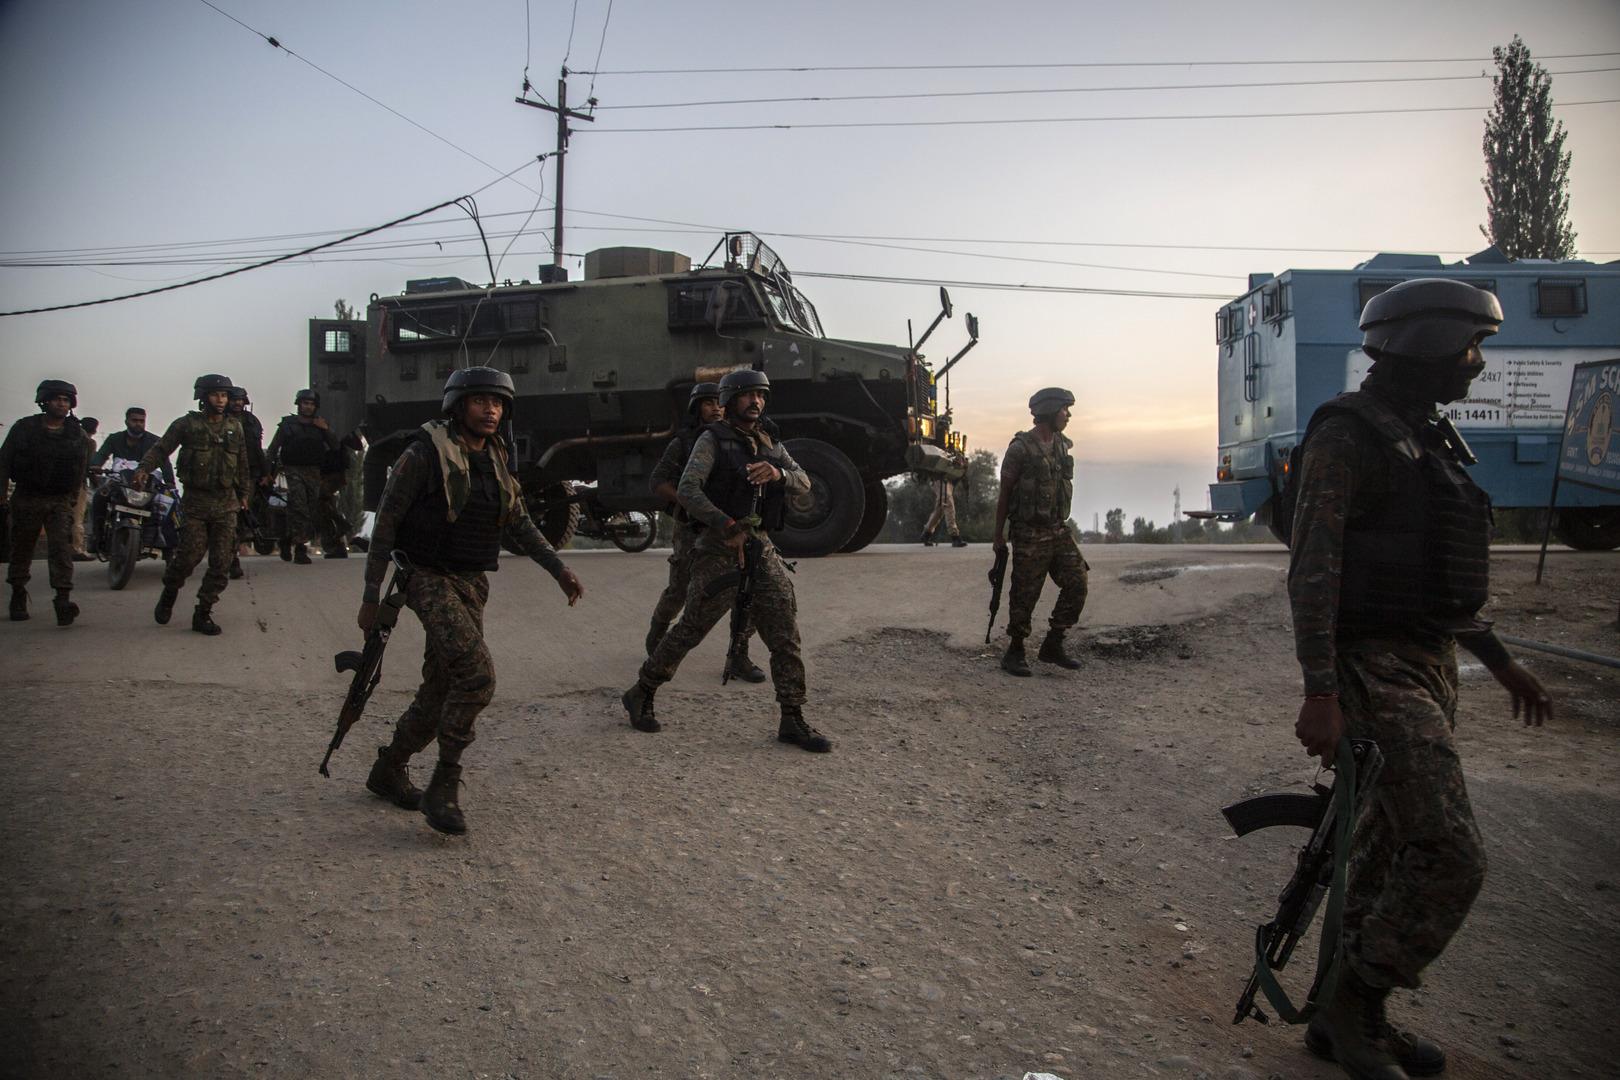 عملية بحث عن الإرهابيين المتسللين في كشمير